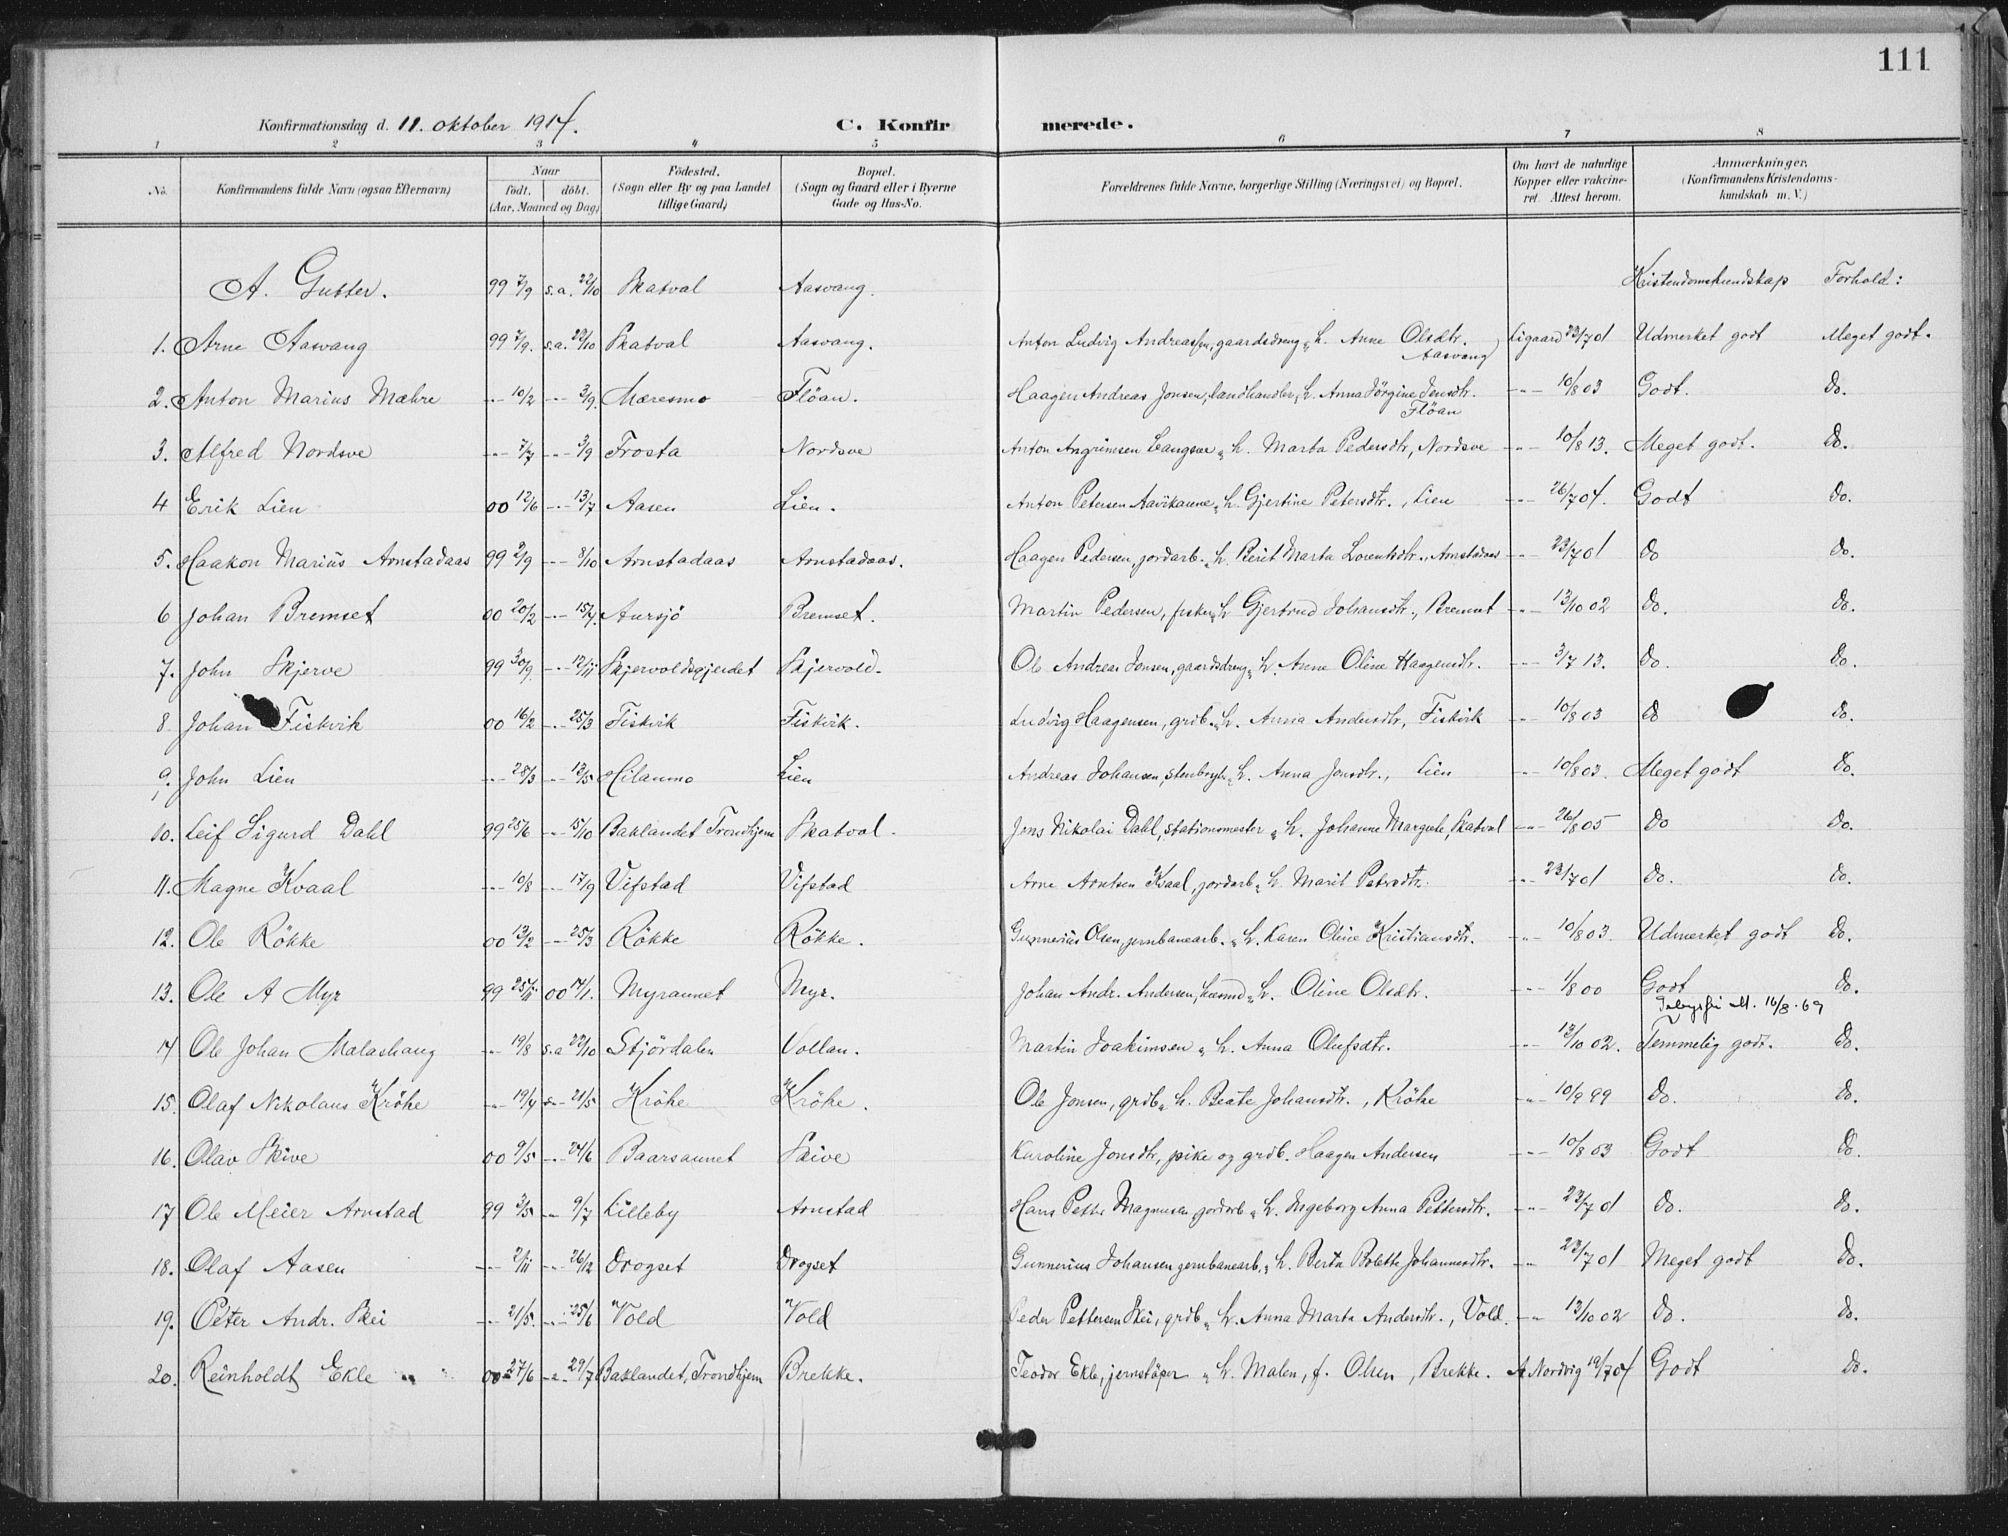 SAT, Ministerialprotokoller, klokkerbøker og fødselsregistre - Nord-Trøndelag, 712/L0101: Ministerialbok nr. 712A02, 1901-1916, s. 111